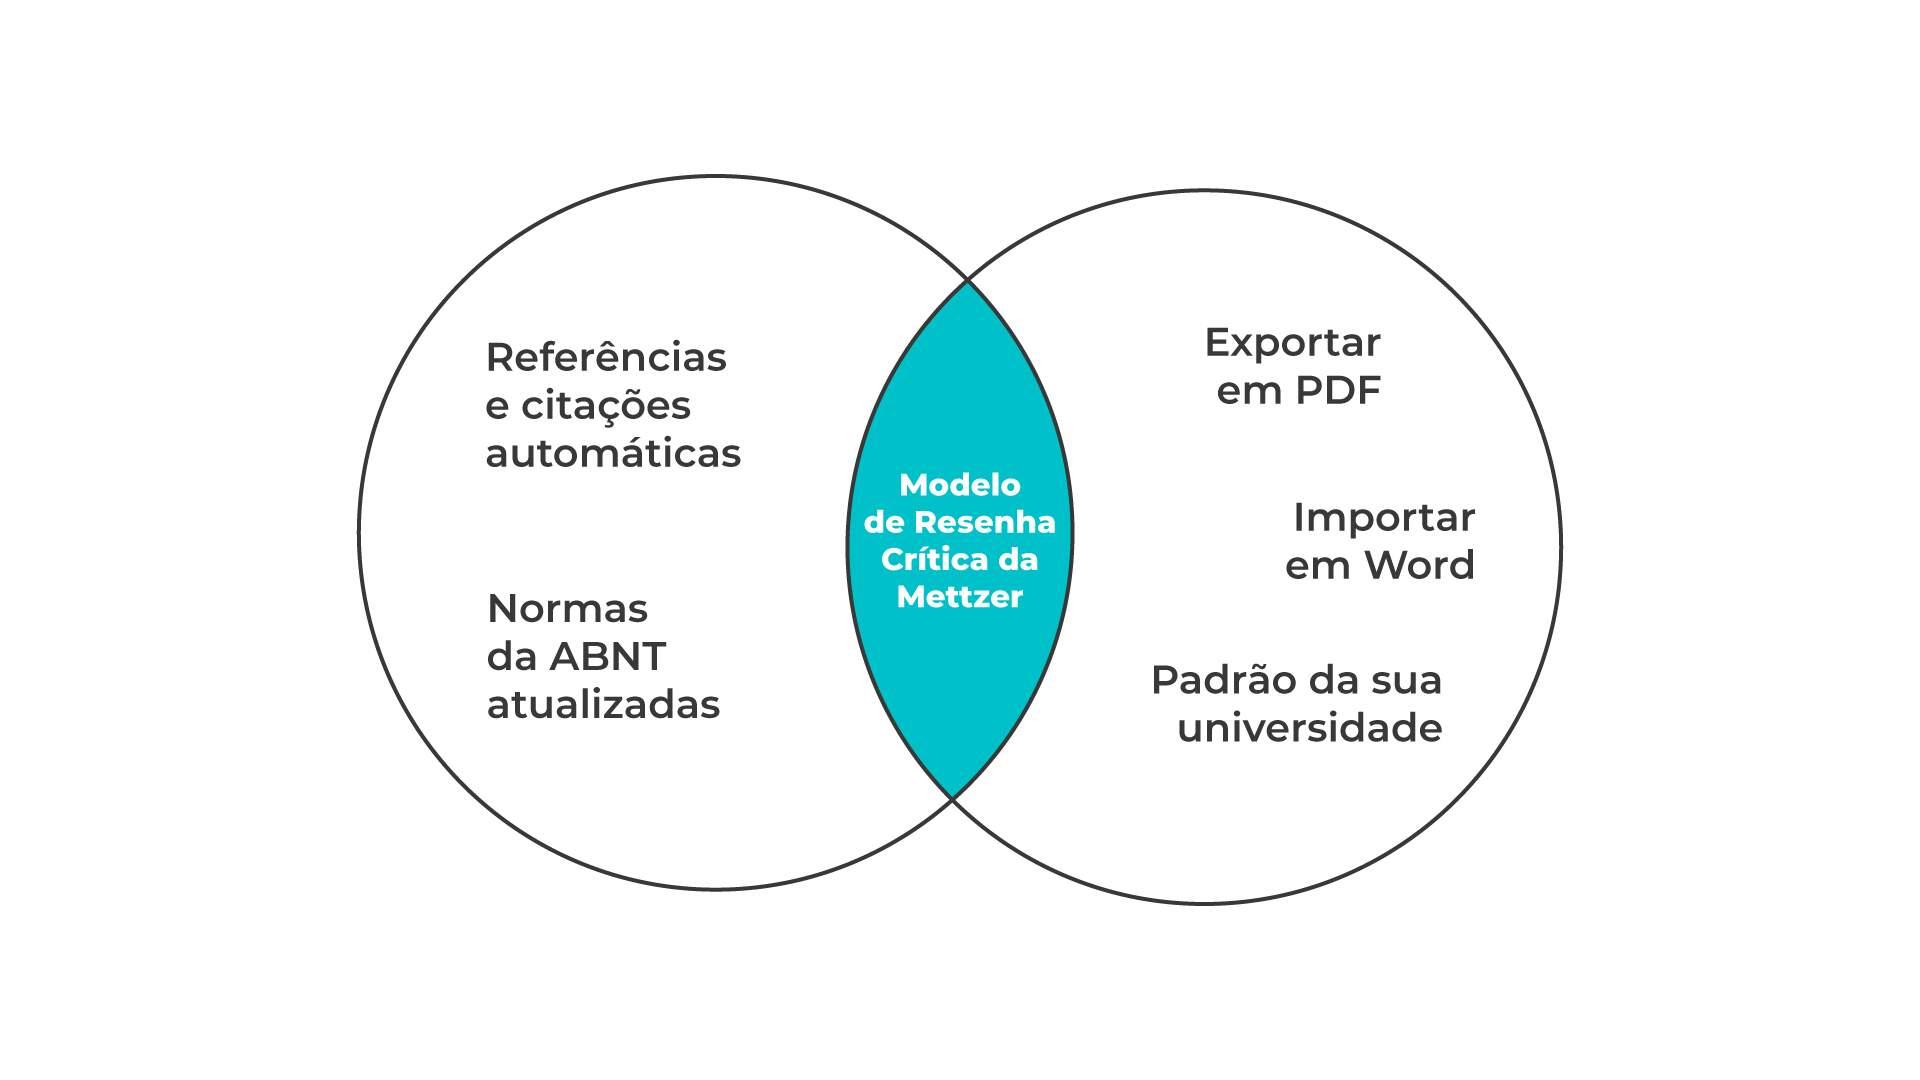 modelo-de-Resenha-Crítica-mettzer